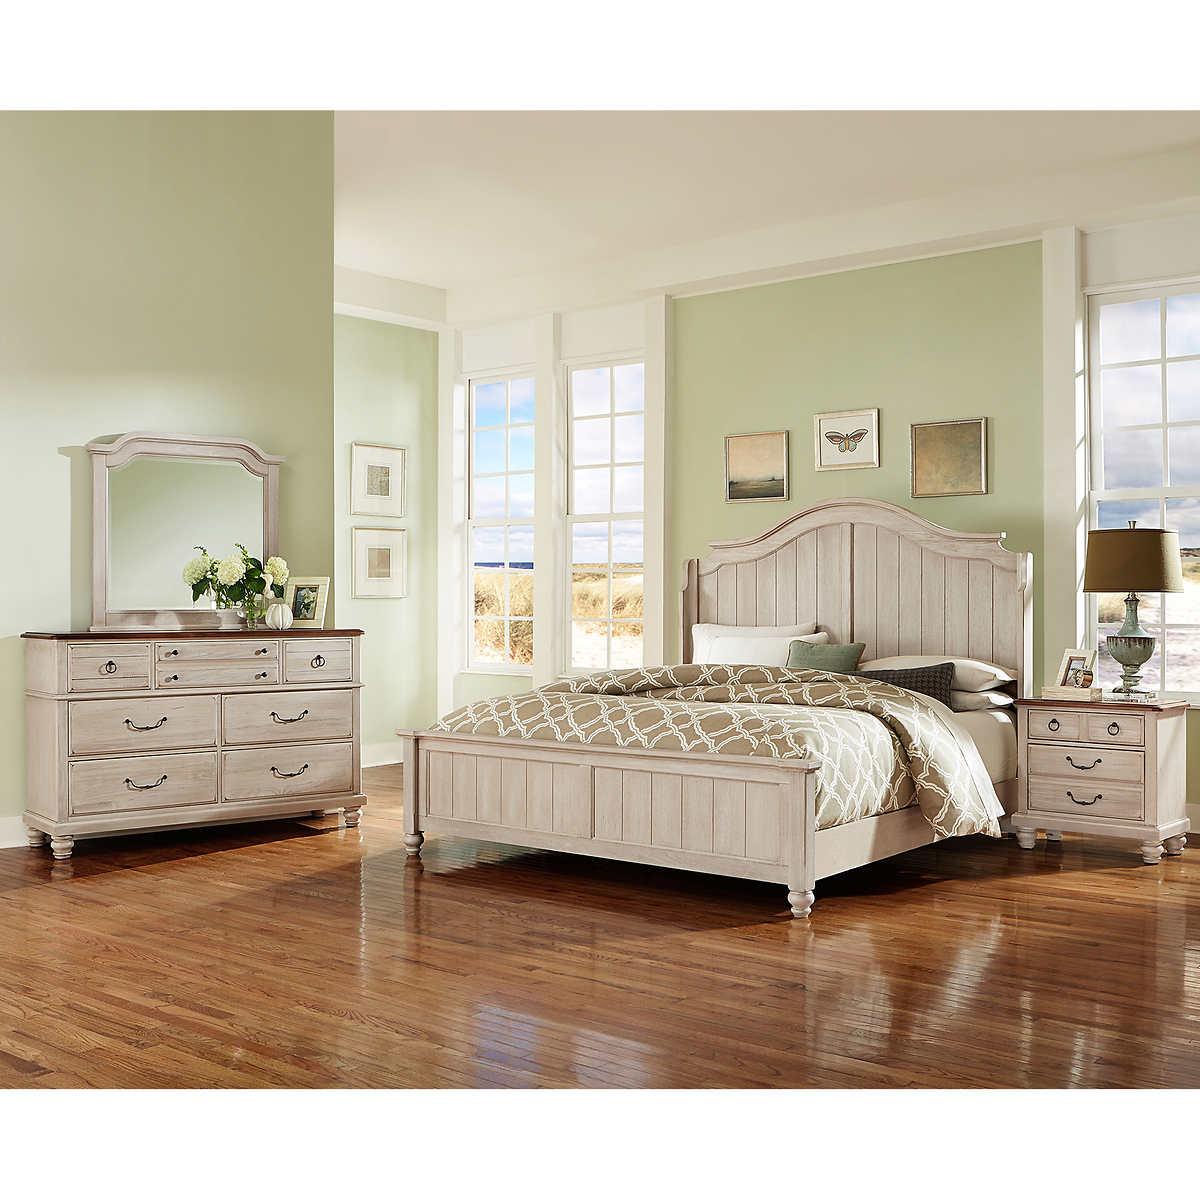 King Bedroom Suite For King Bedroom Sets